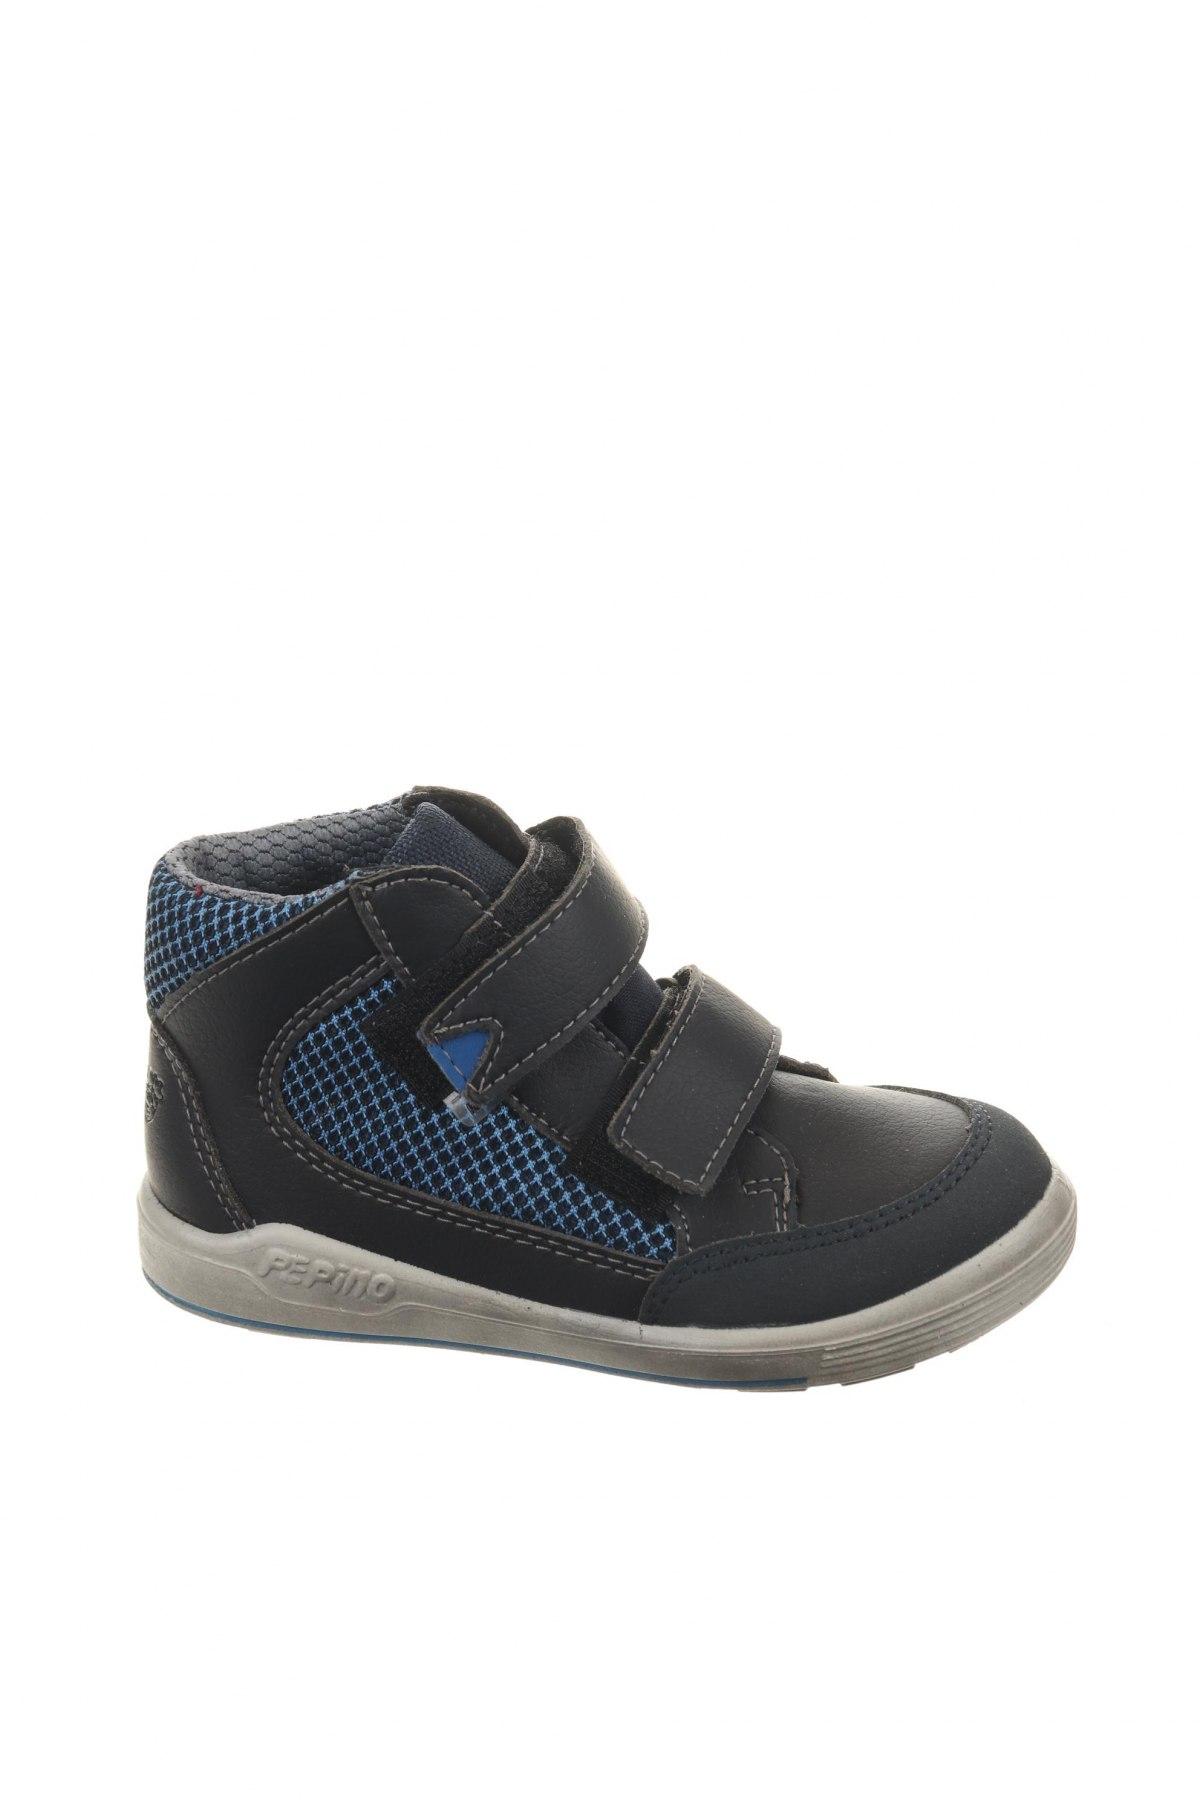 Παιδικά παπούτσια Pepino, Μέγεθος 24, Χρώμα Μπλέ, Δερματίνη, κλωστοϋφαντουργικά προϊόντα, Τιμή 22,81€